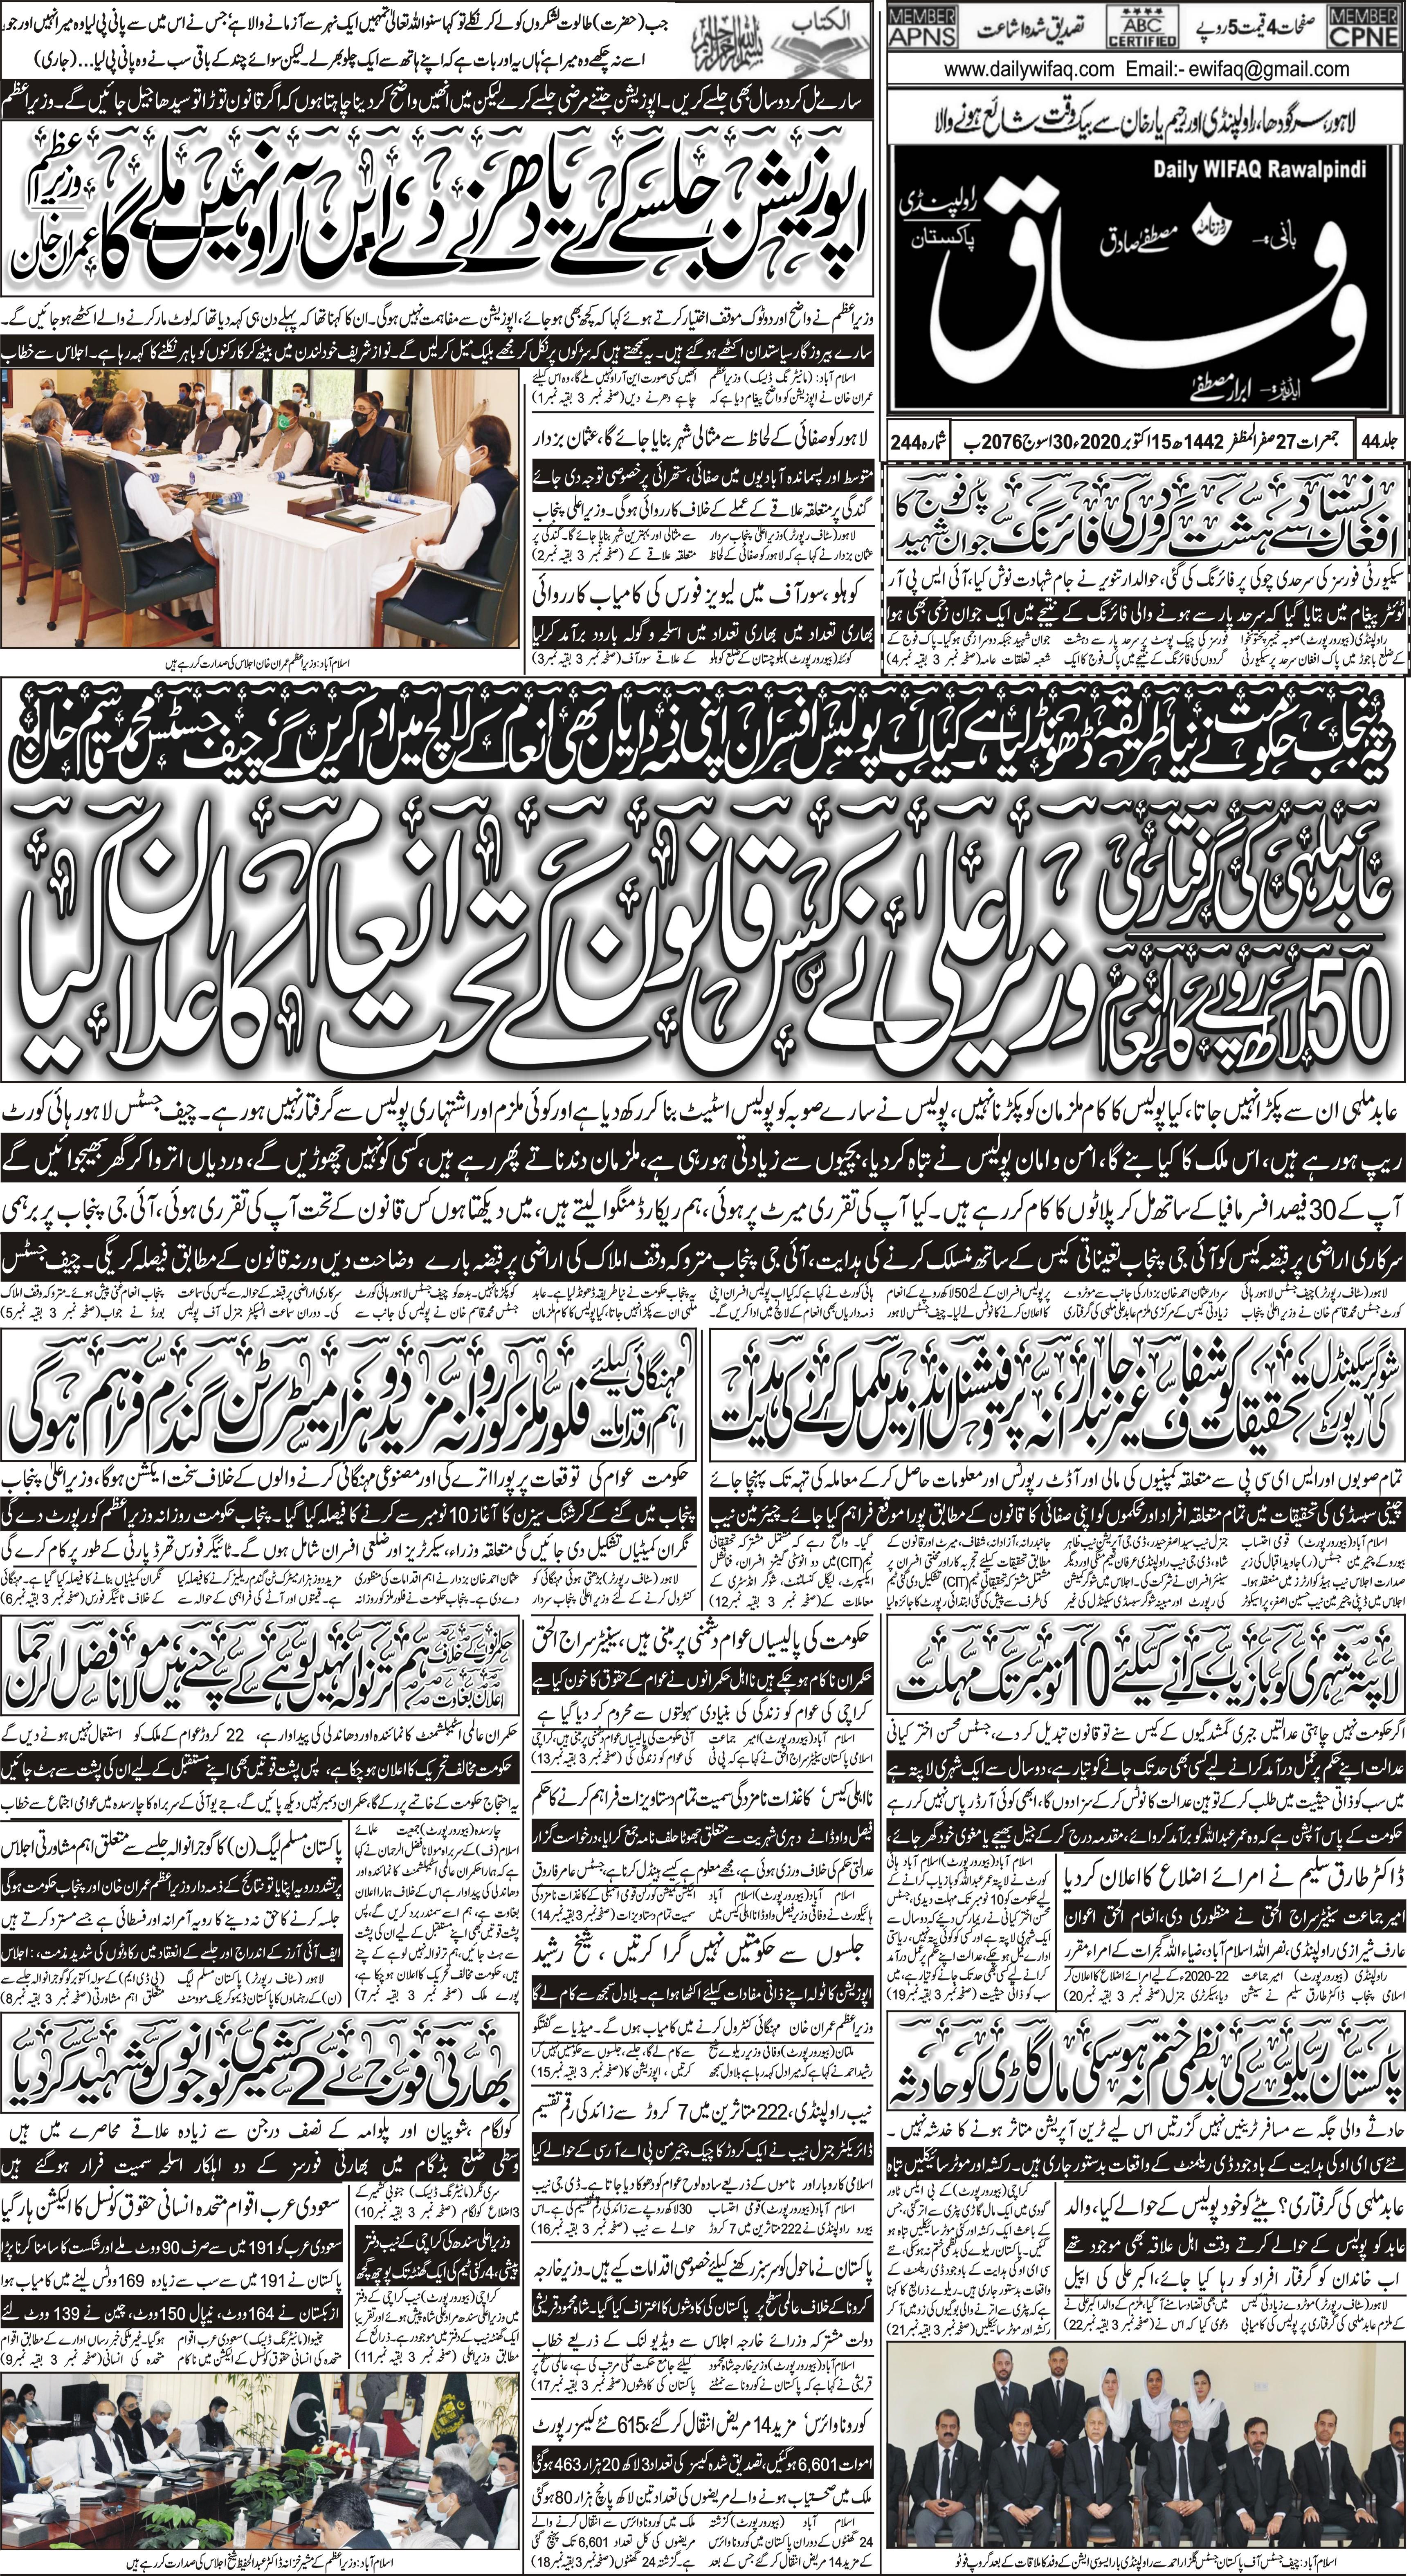 e-Paper – Daily Wifaq – Rawalpindi – 15-10-2020